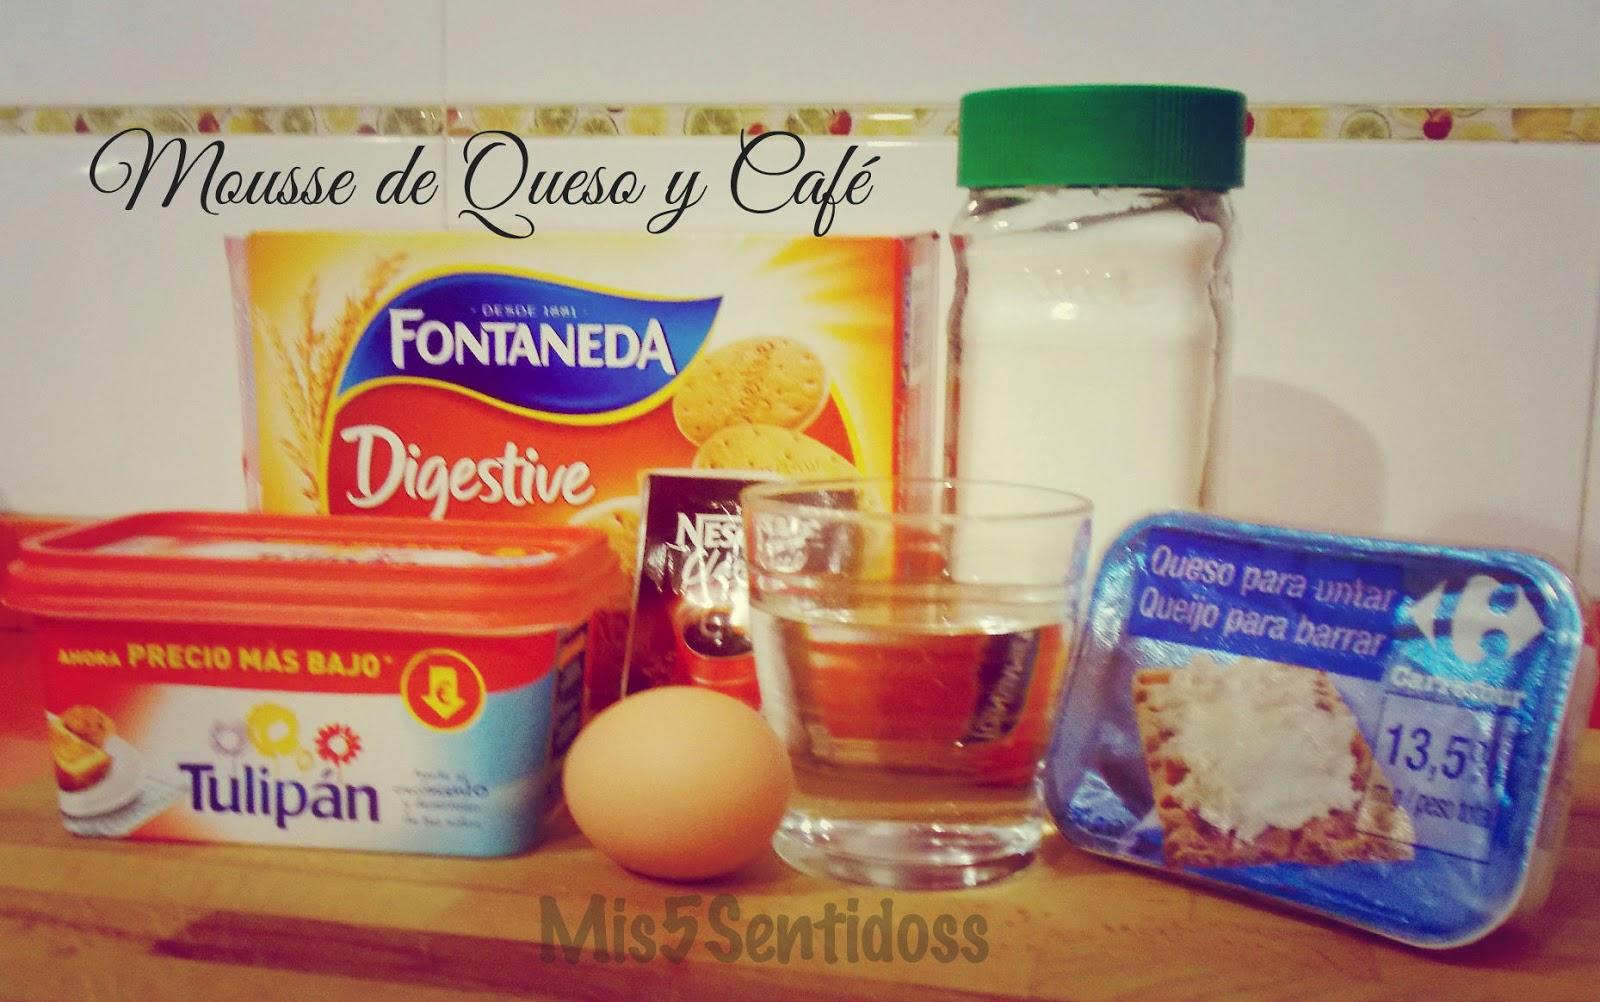 Mousse de queso y café